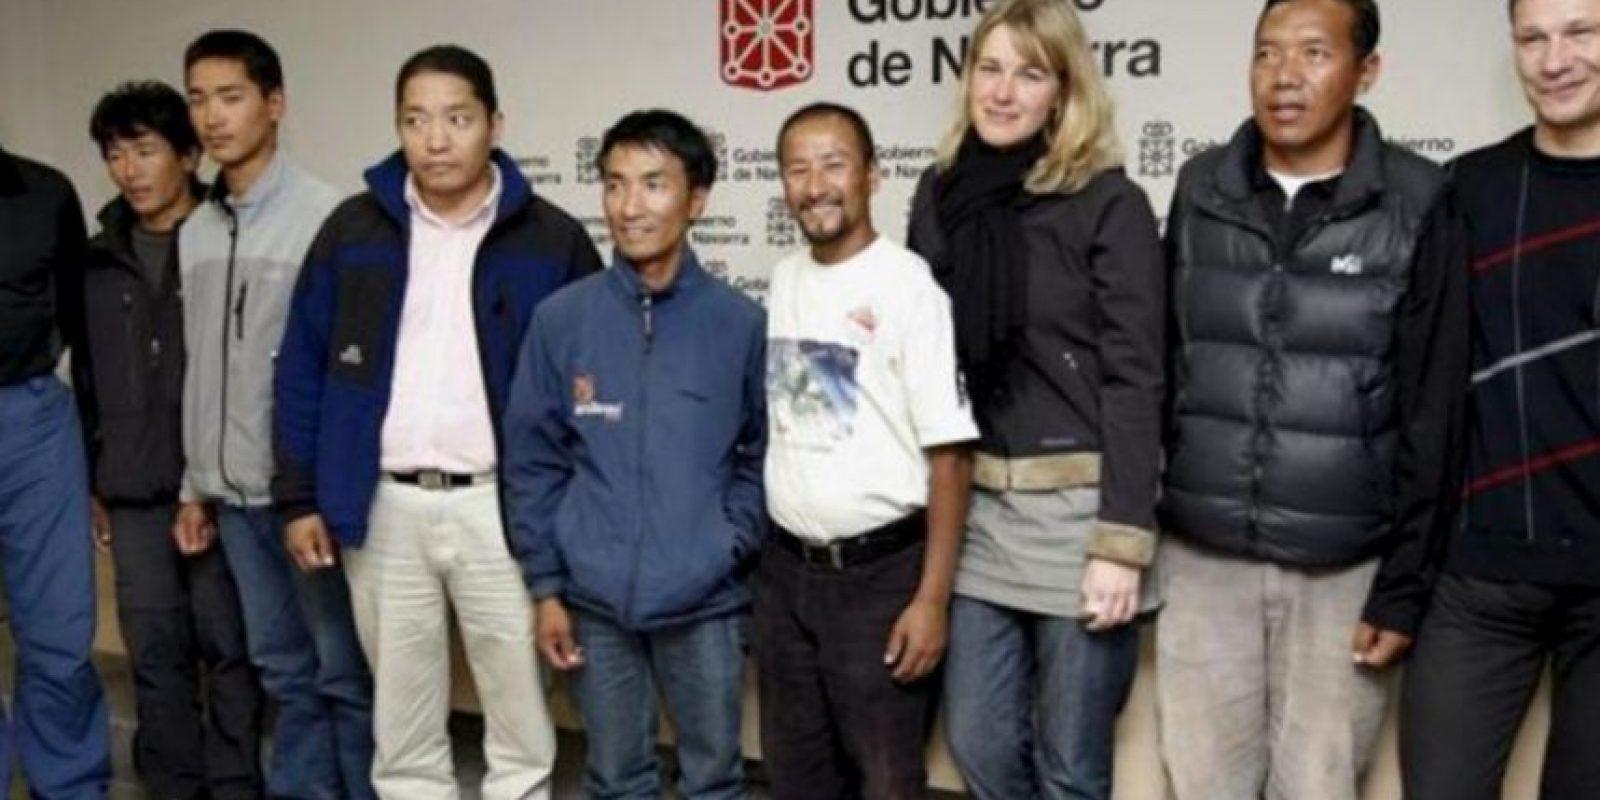 El 15 mayo de 2013 falleció Alexéi Bolótov, un alpinista ruso que murió tras precipitarse al vacío mientras trataba de abrir una nueva ruta por la cara suroccidental del Everest. En la foto en el hombre con pantalón negro de la derecha. Foto:Getty Images. Imagen Por: